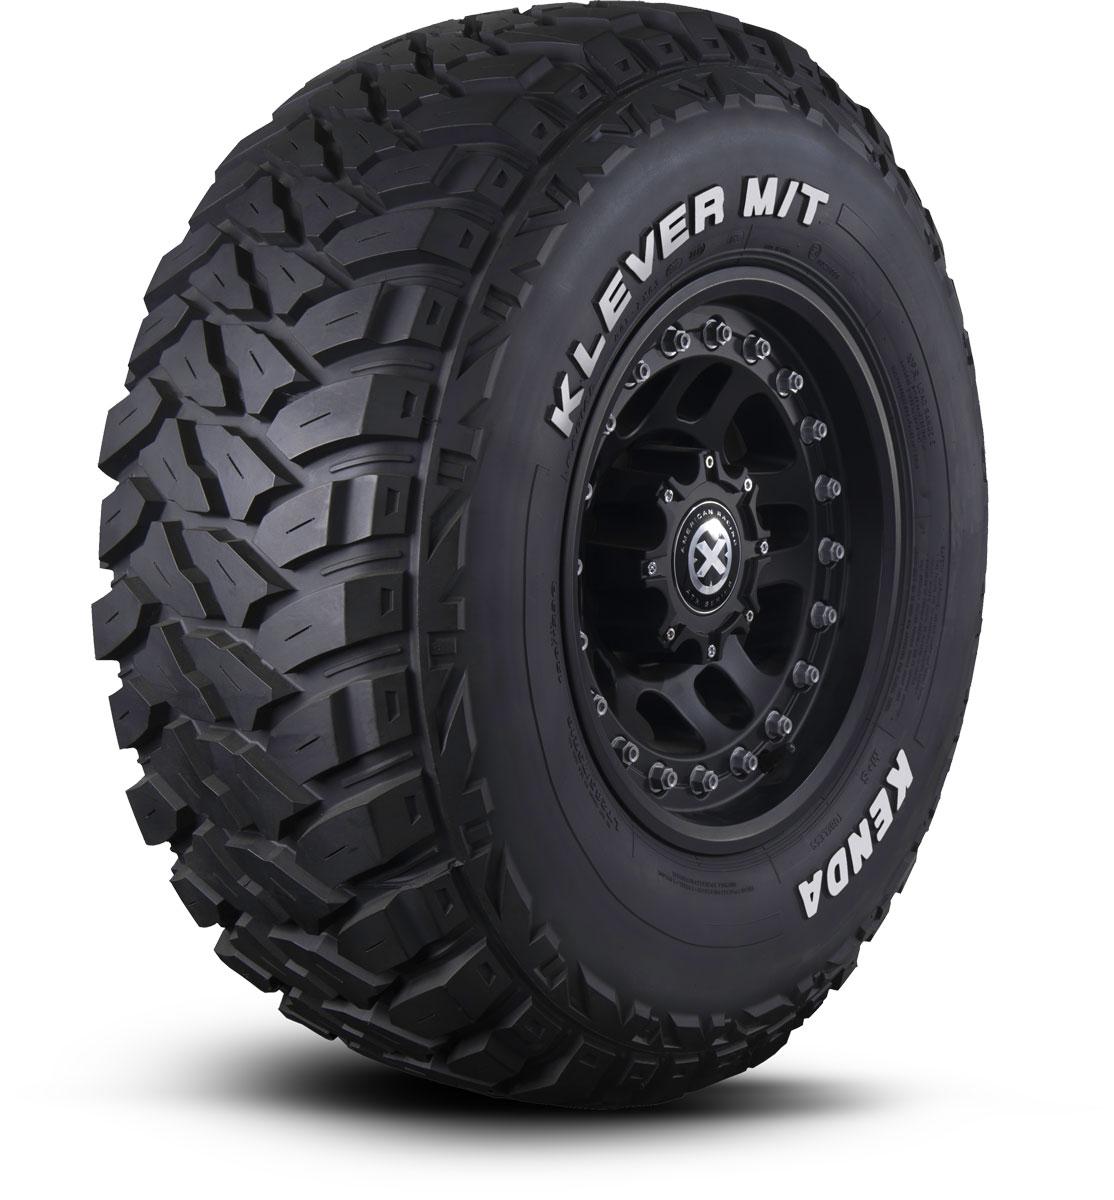 minibus lighting light hankook tyre commercial size tyres radial tires price van truck online